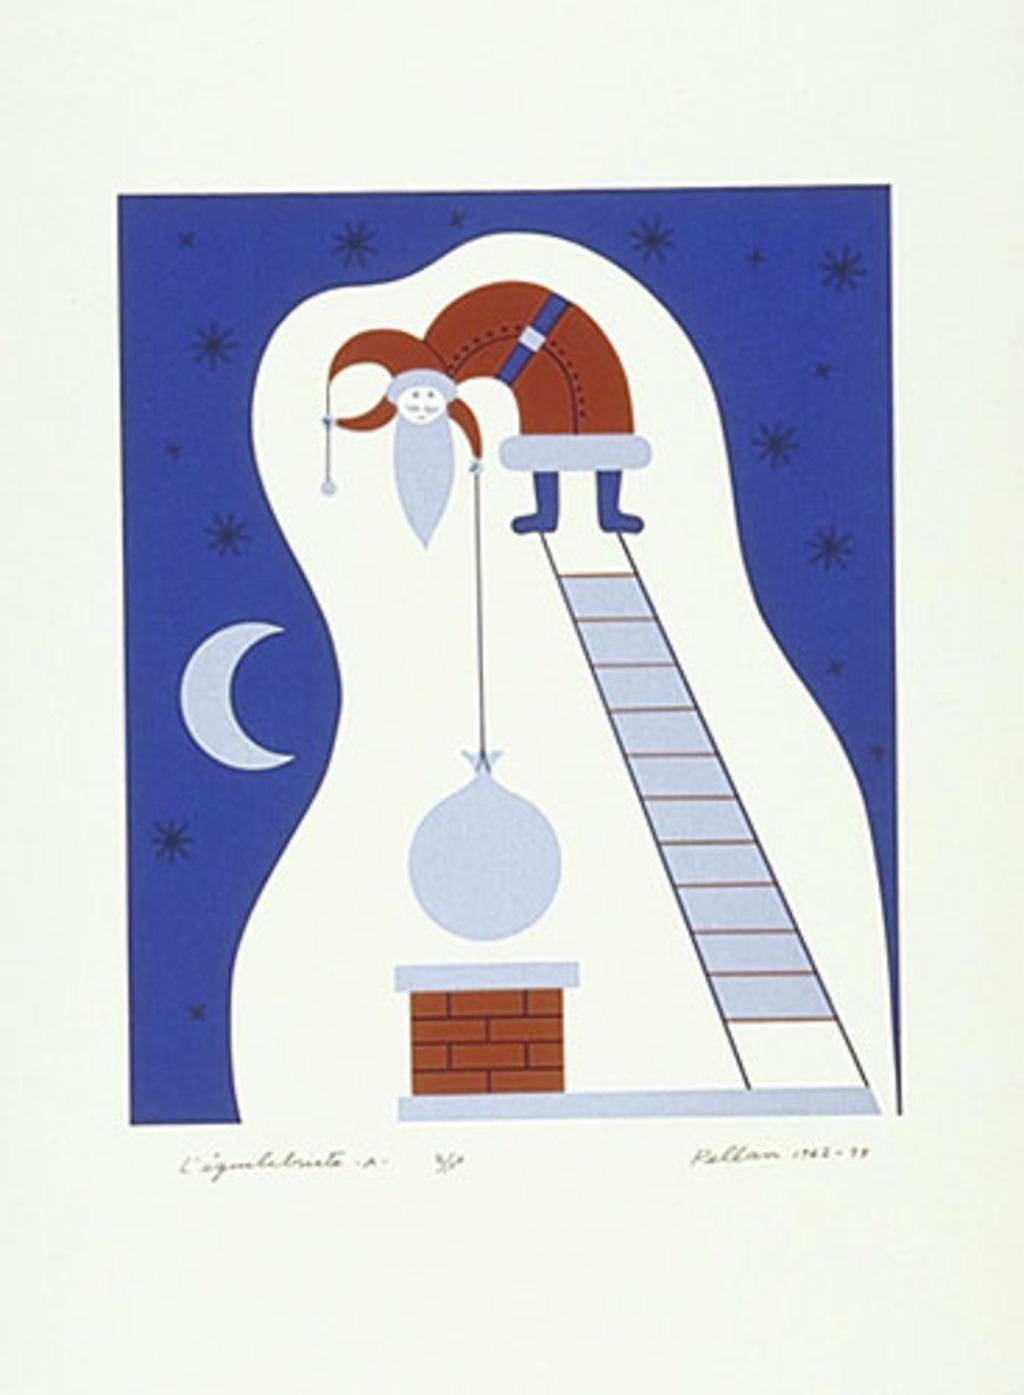 L'Équilibriste - A, du livre d'artiste «Les Pères Noëls»